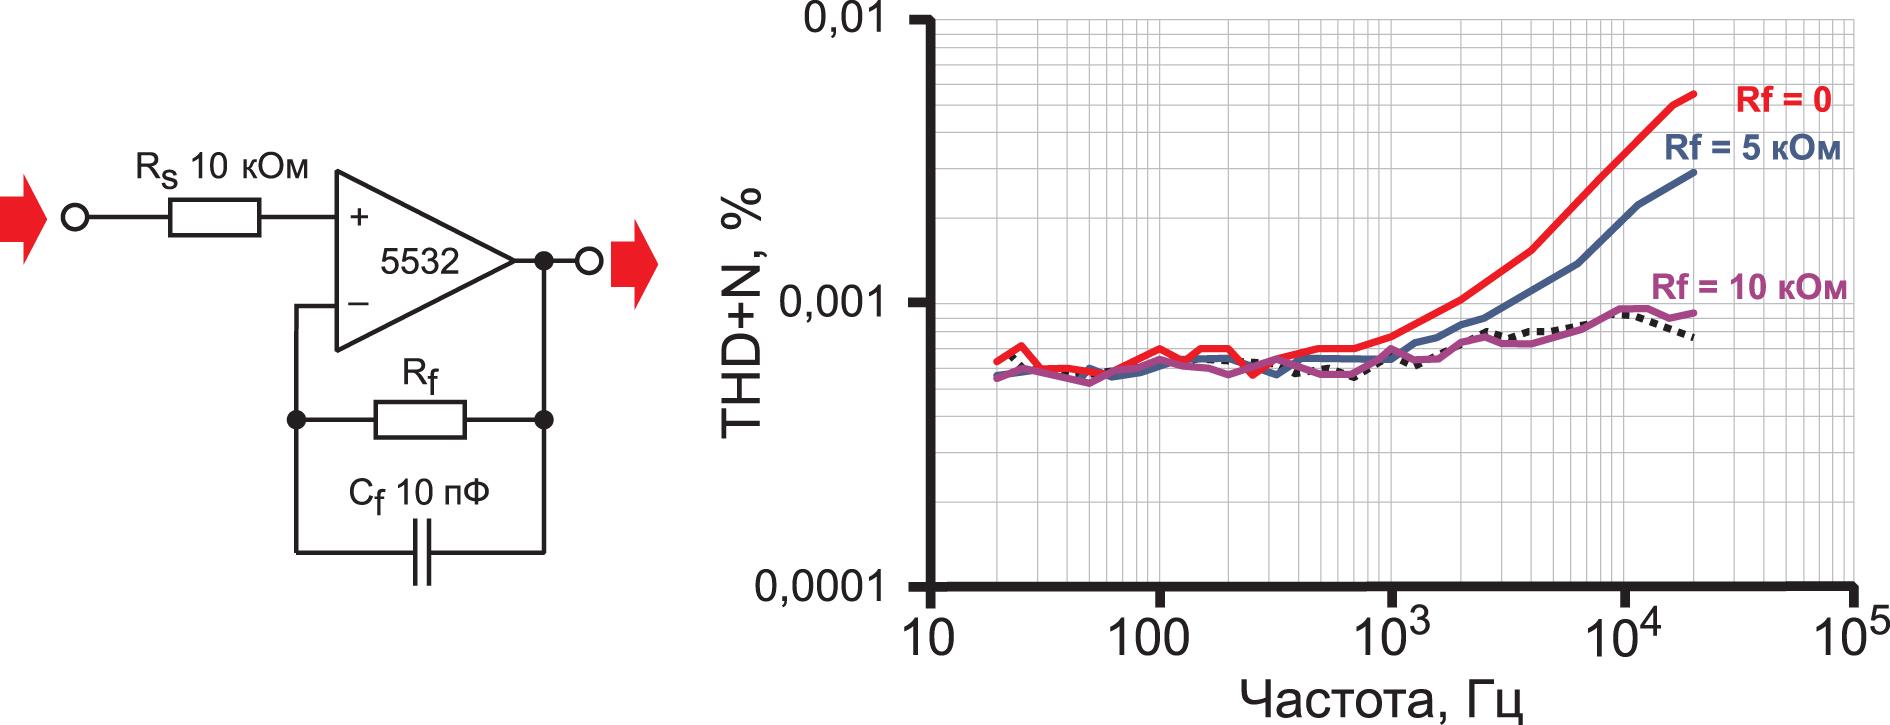 Буфер NE5532 с сопротивлением источника 10 кОм имеет синфазные искажения, которые компенсируются при Rf = Rs. Пунктирная линия – минимальный уровень измерений; во всех случаях входное напряжение составляет 20 dBu